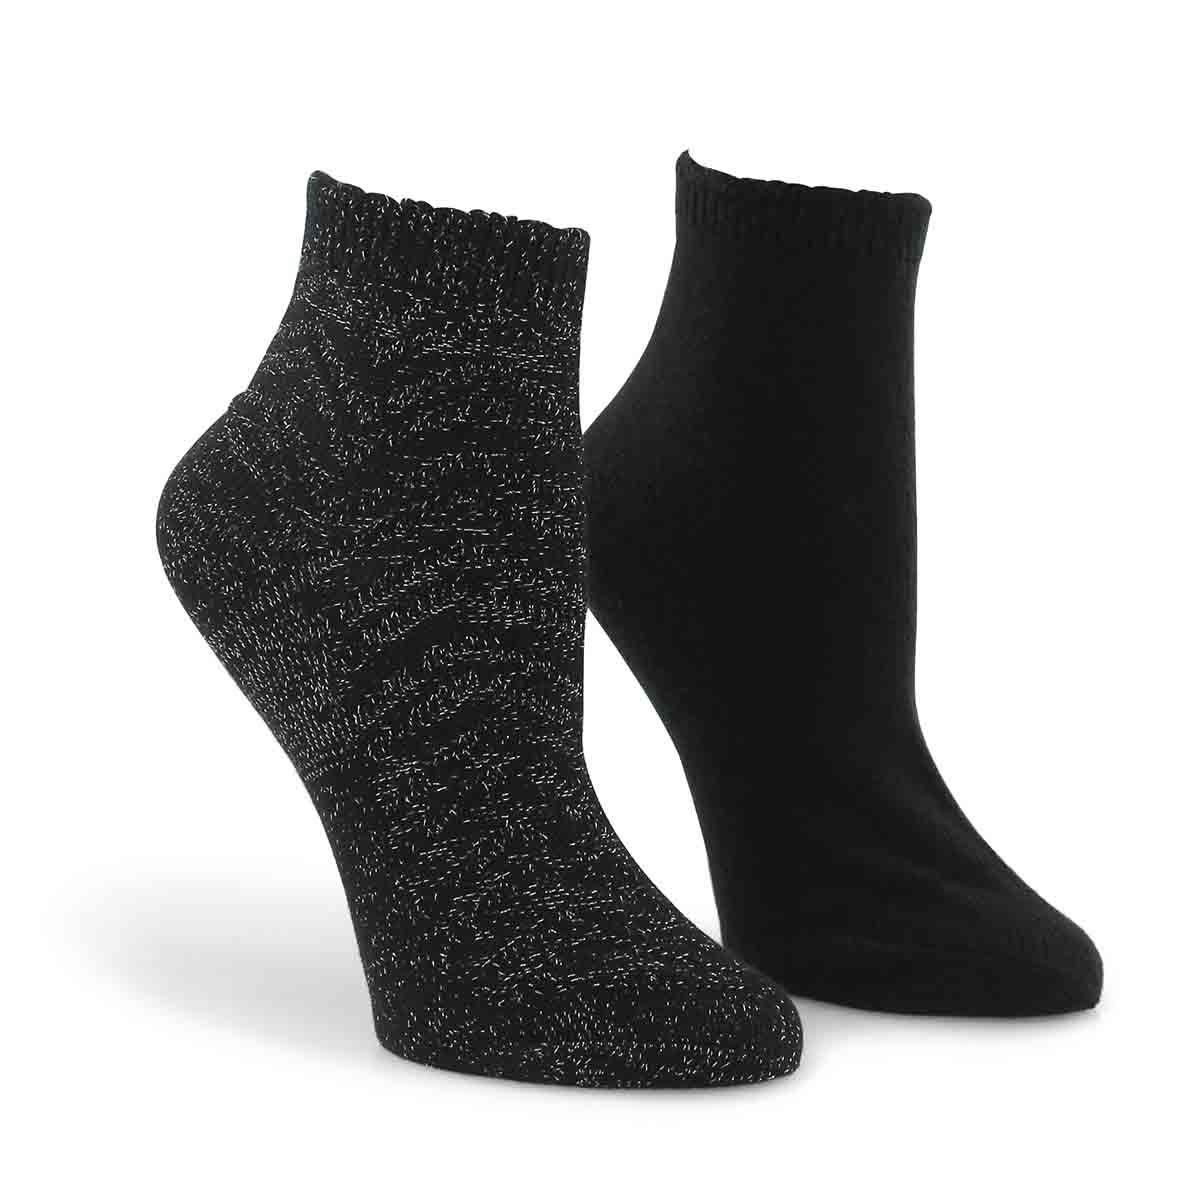 Lds Zig Zag blk mult ankle sock - 2 pk